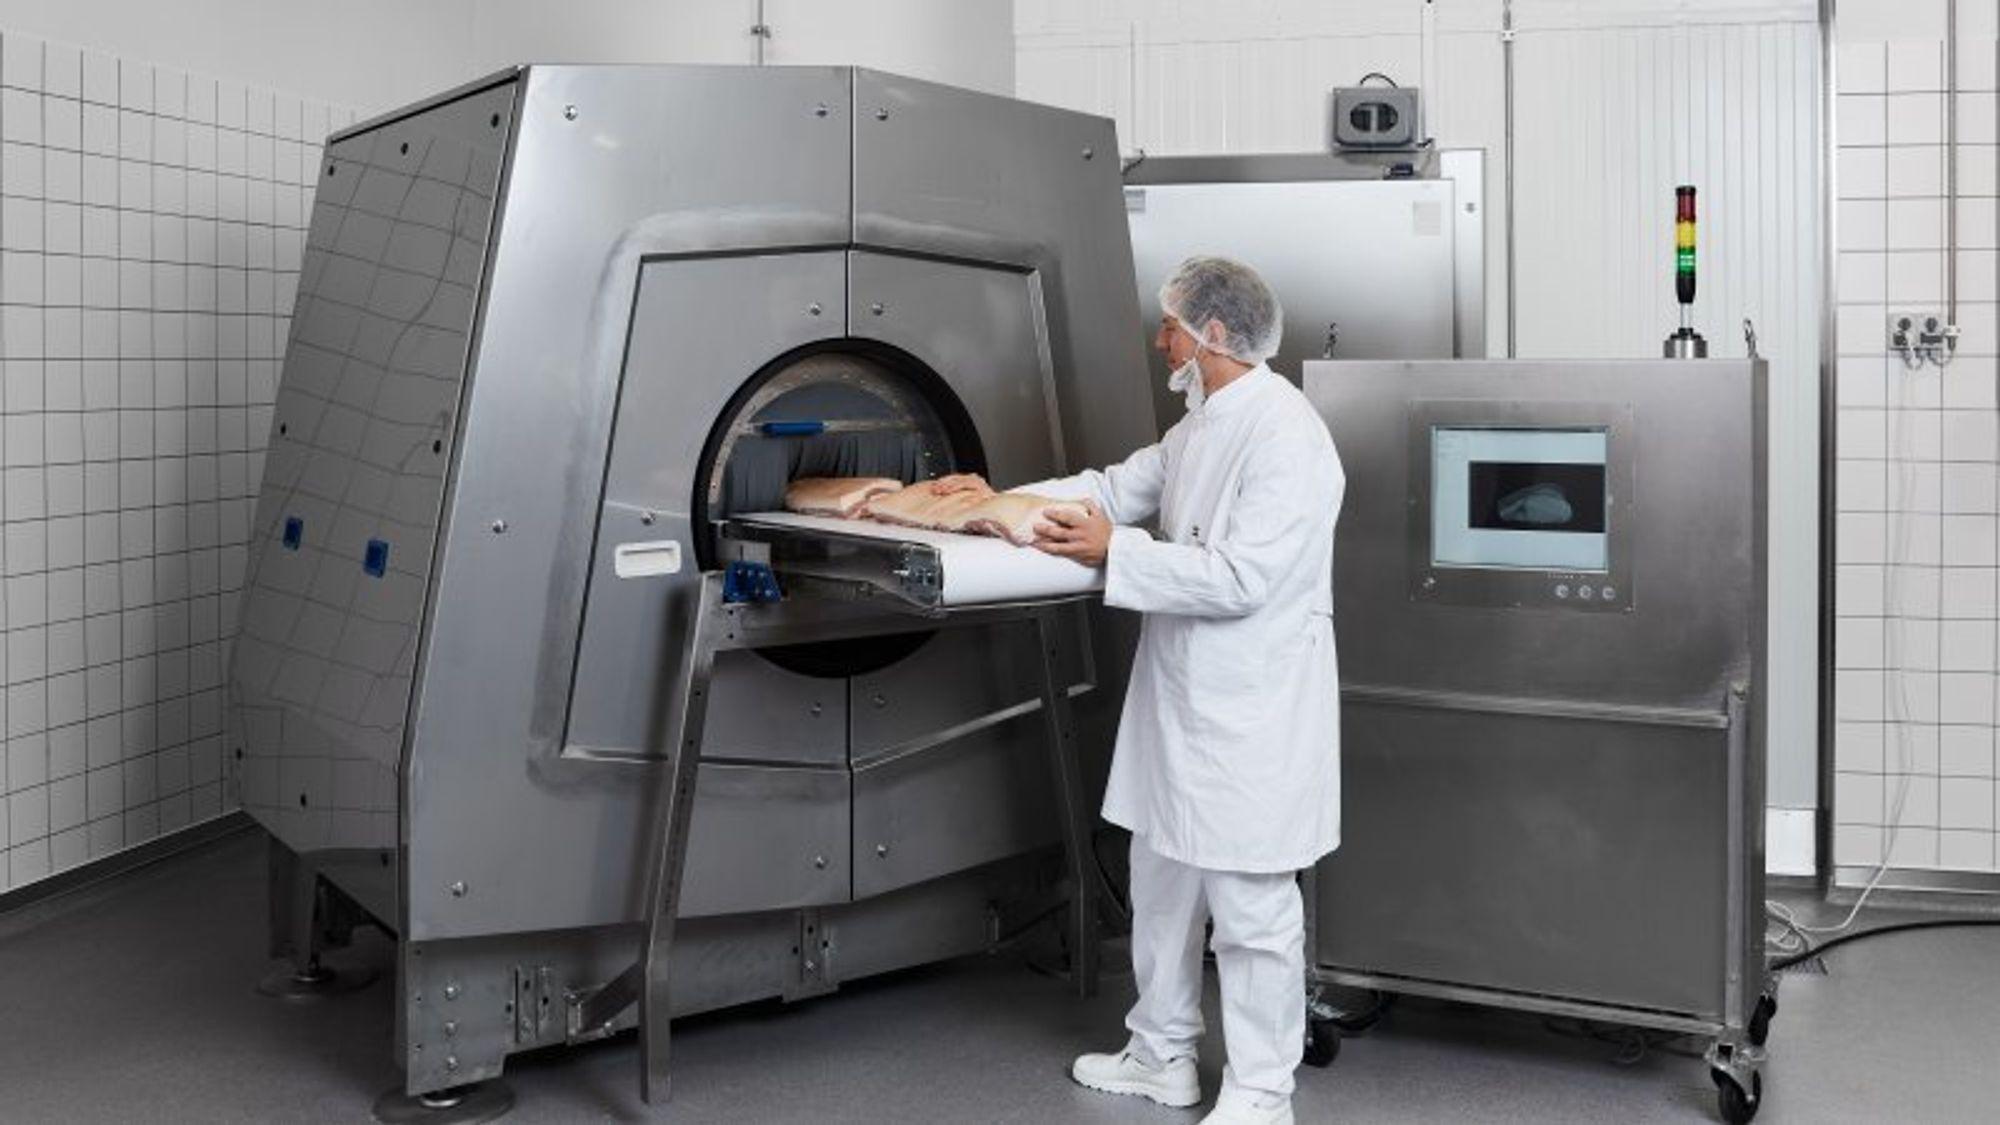 Slik ser CT-skanneren for næringsmiddelbruk ut. Modellen vil i prinsippet kunne skanne 600 midtstykker av svin hver time.